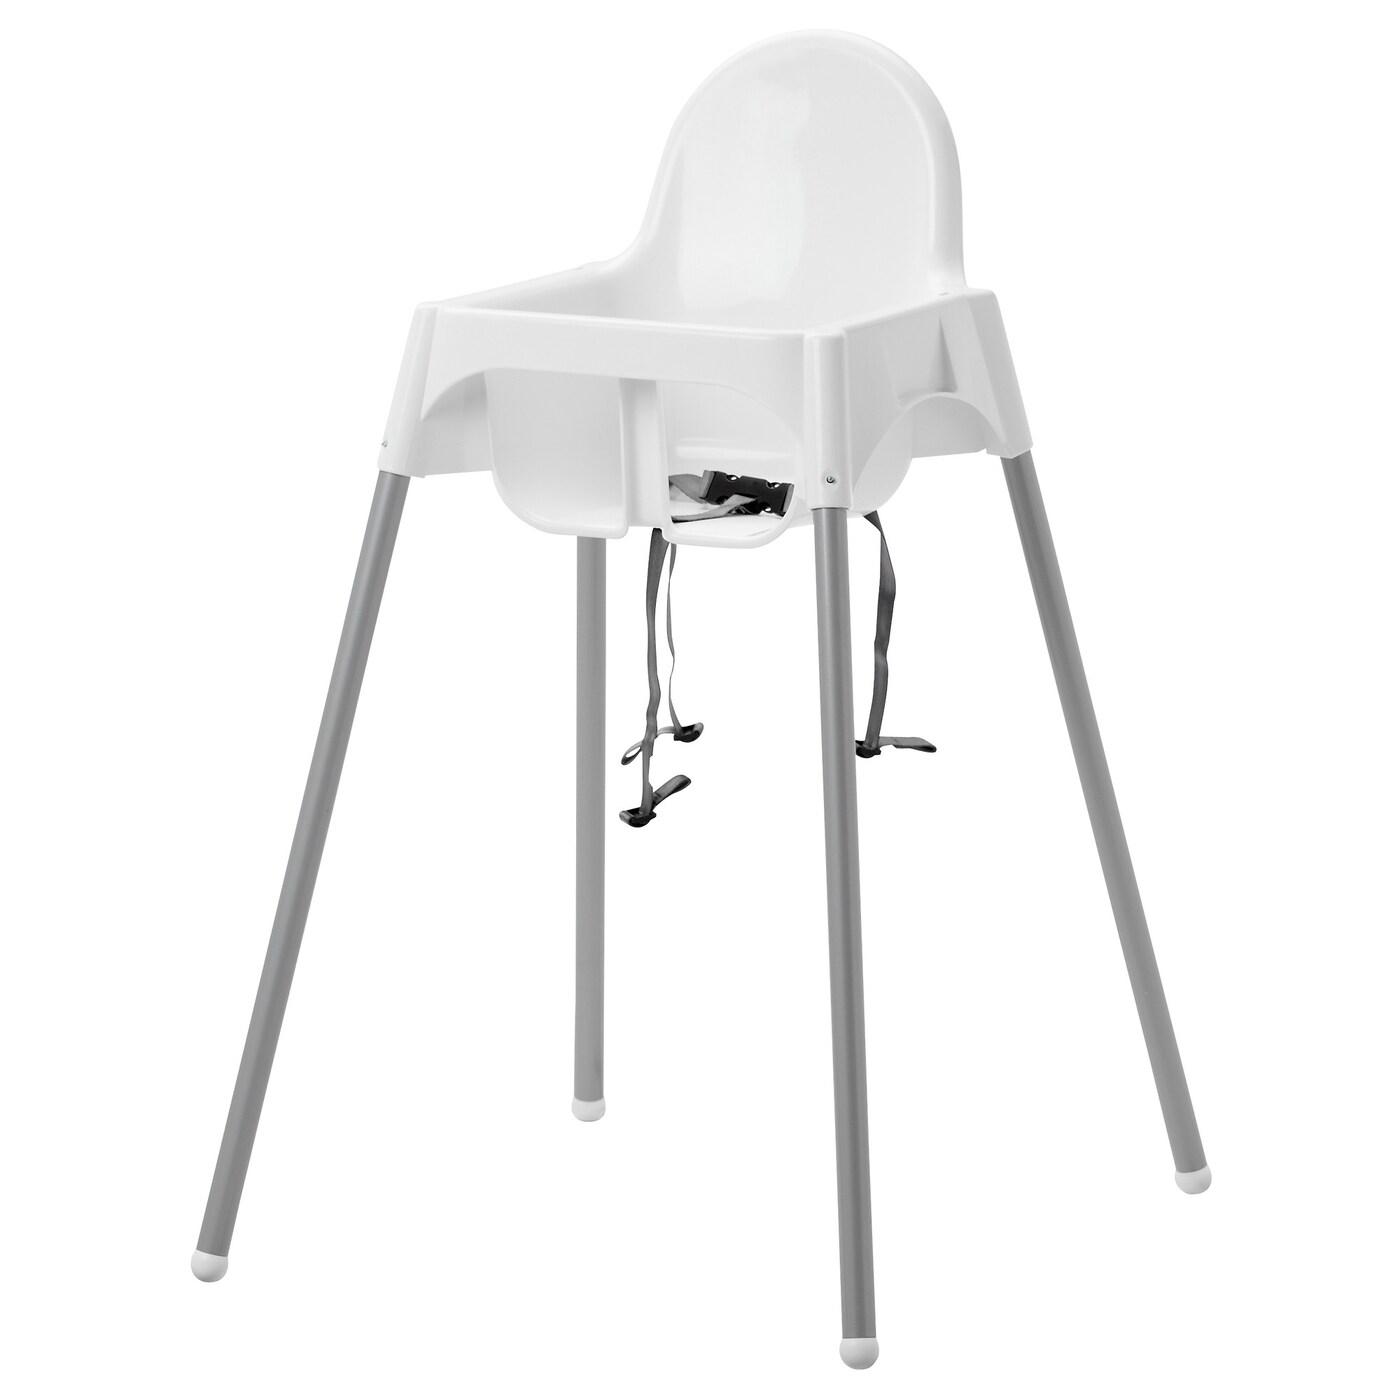 Antilop kinderstoel met veiligheidsriempje wit zilverkleur for Ikea kinderstoel en tafel